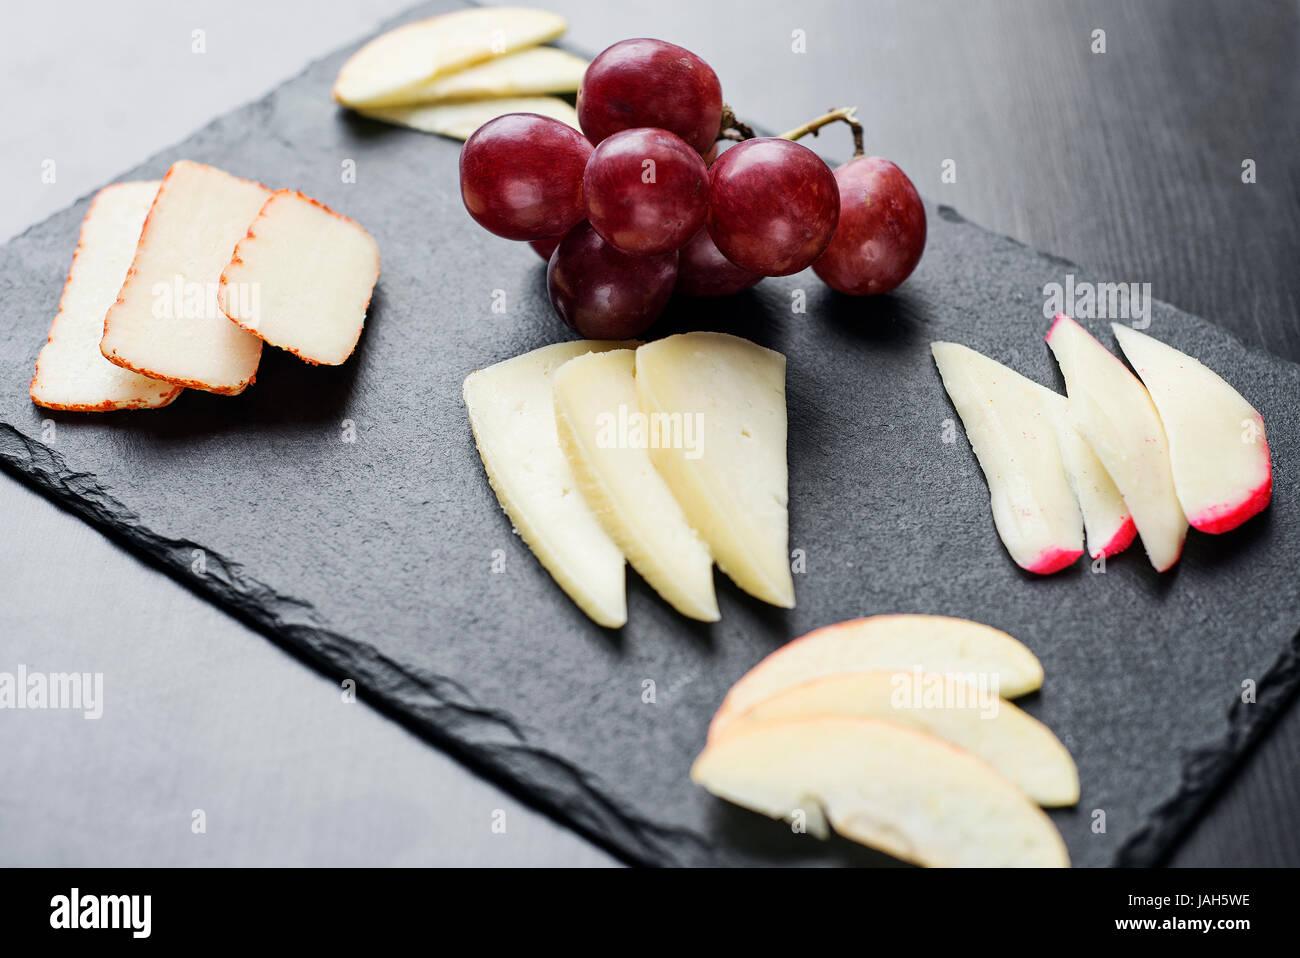 Plateau de fromages mixtes gastronomique starter tapas avec apple et le raisin snack Photo Stock